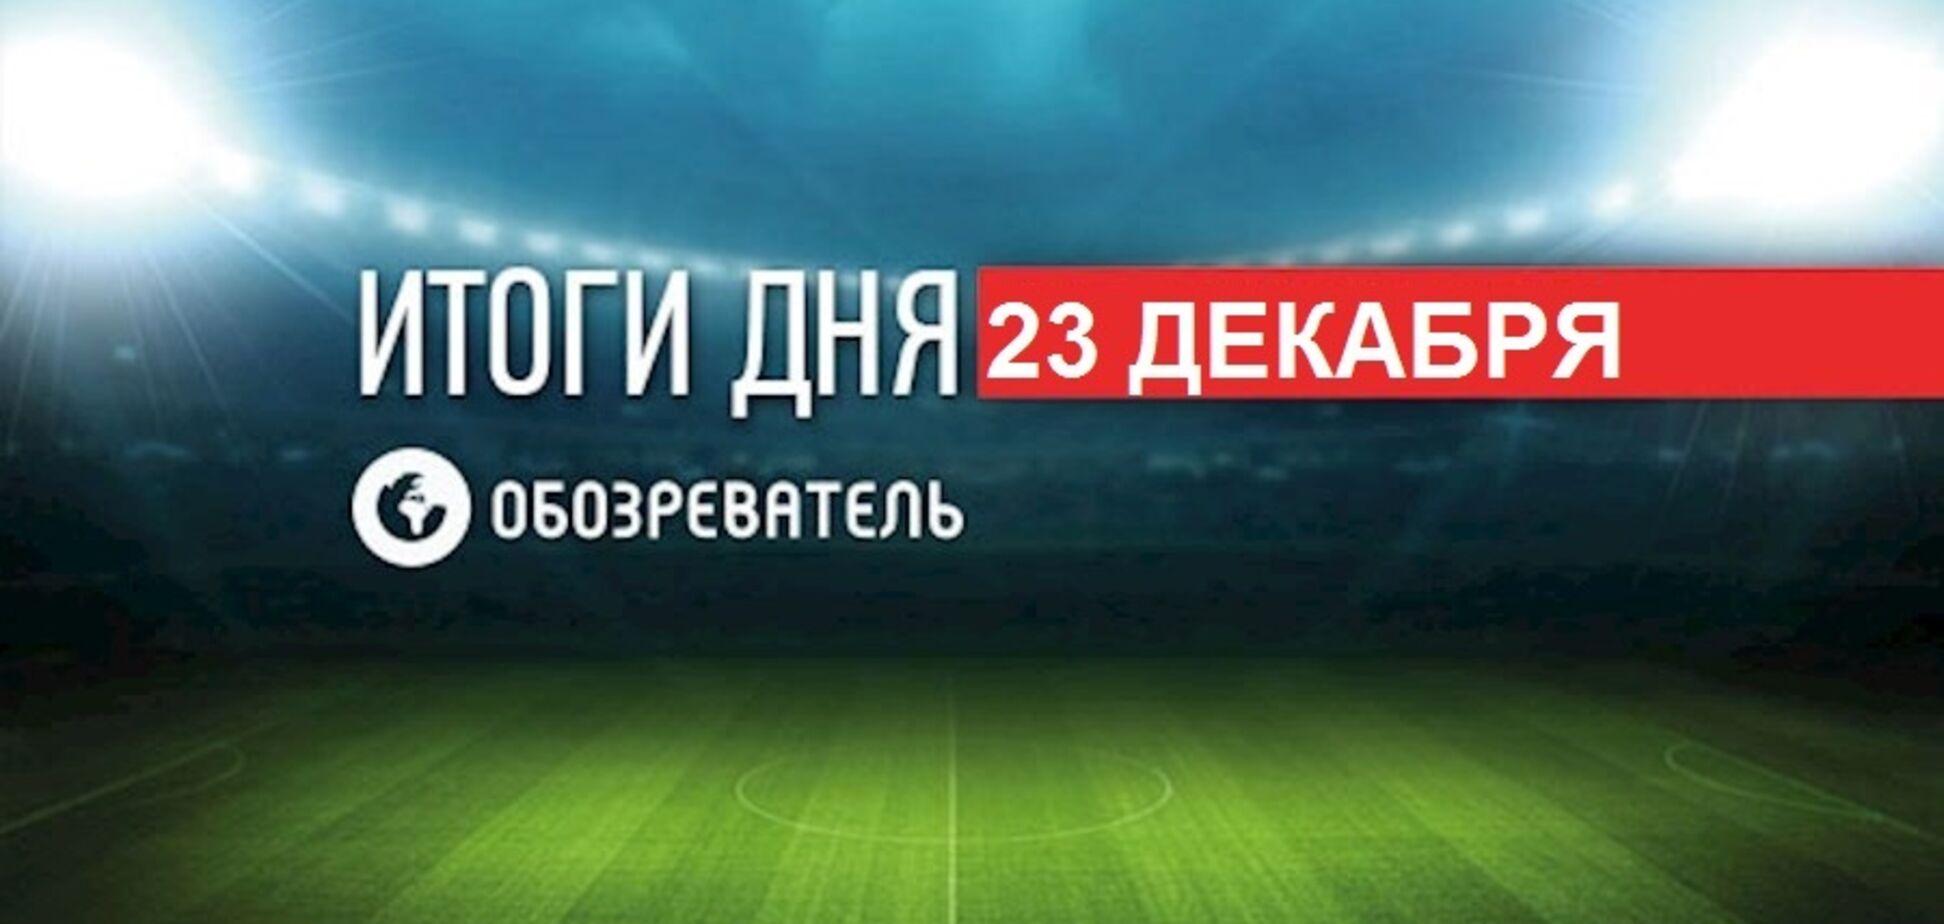 'Інтер' зганьбився з показом бою Берінчика: спортивні підсумки 23 грудня